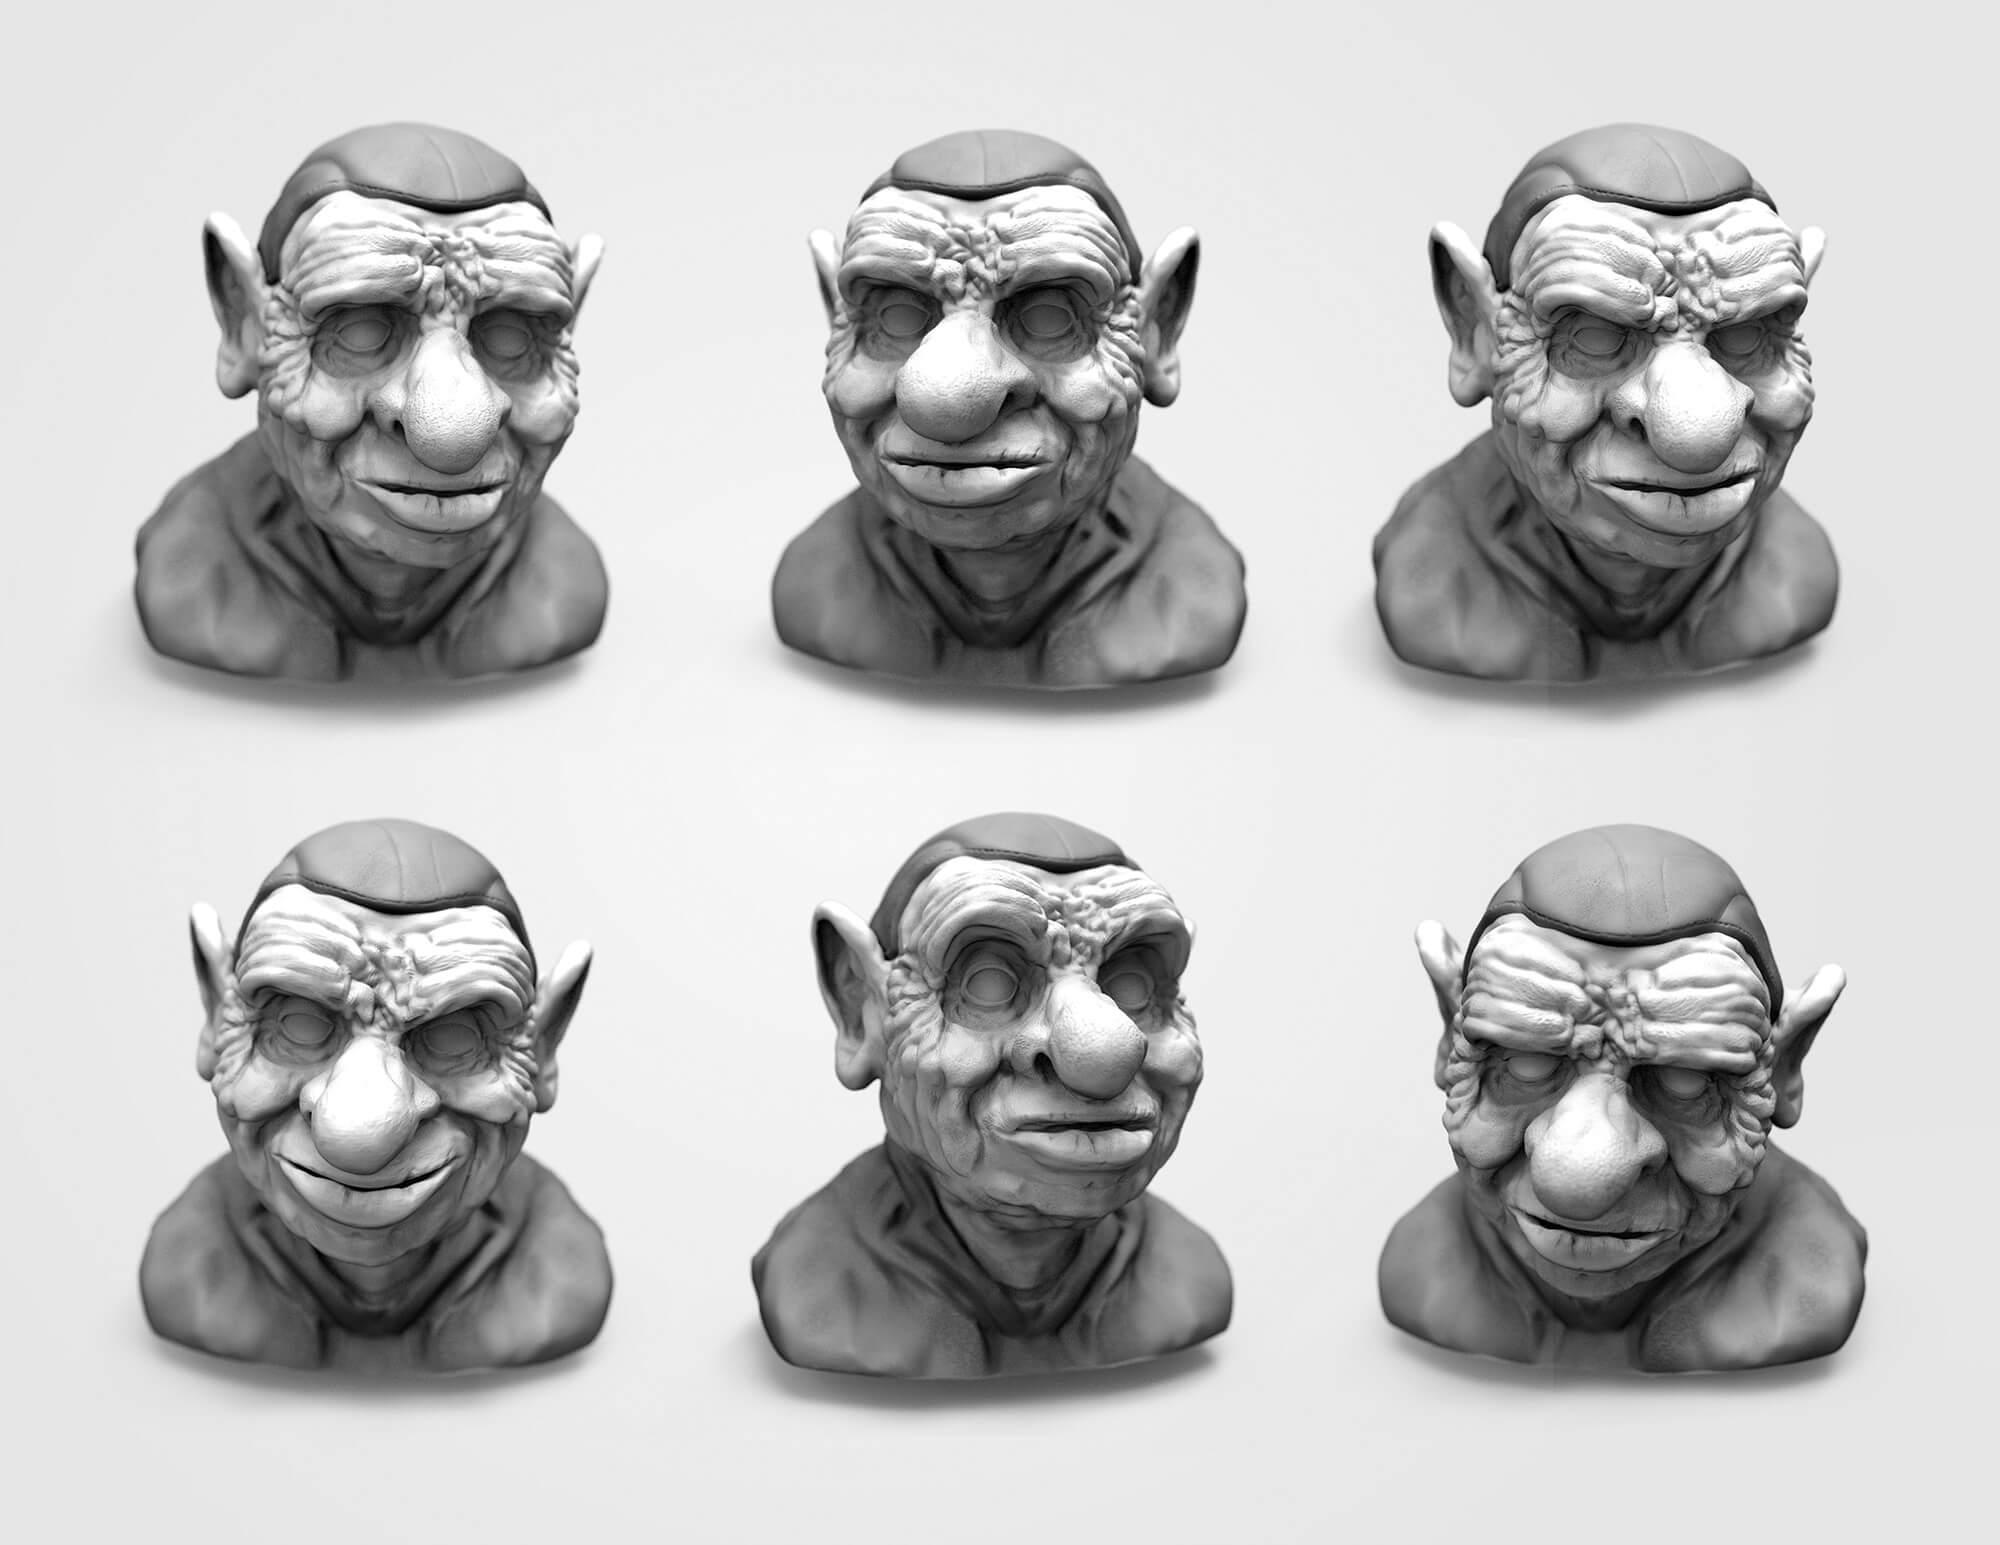 Facial expression study